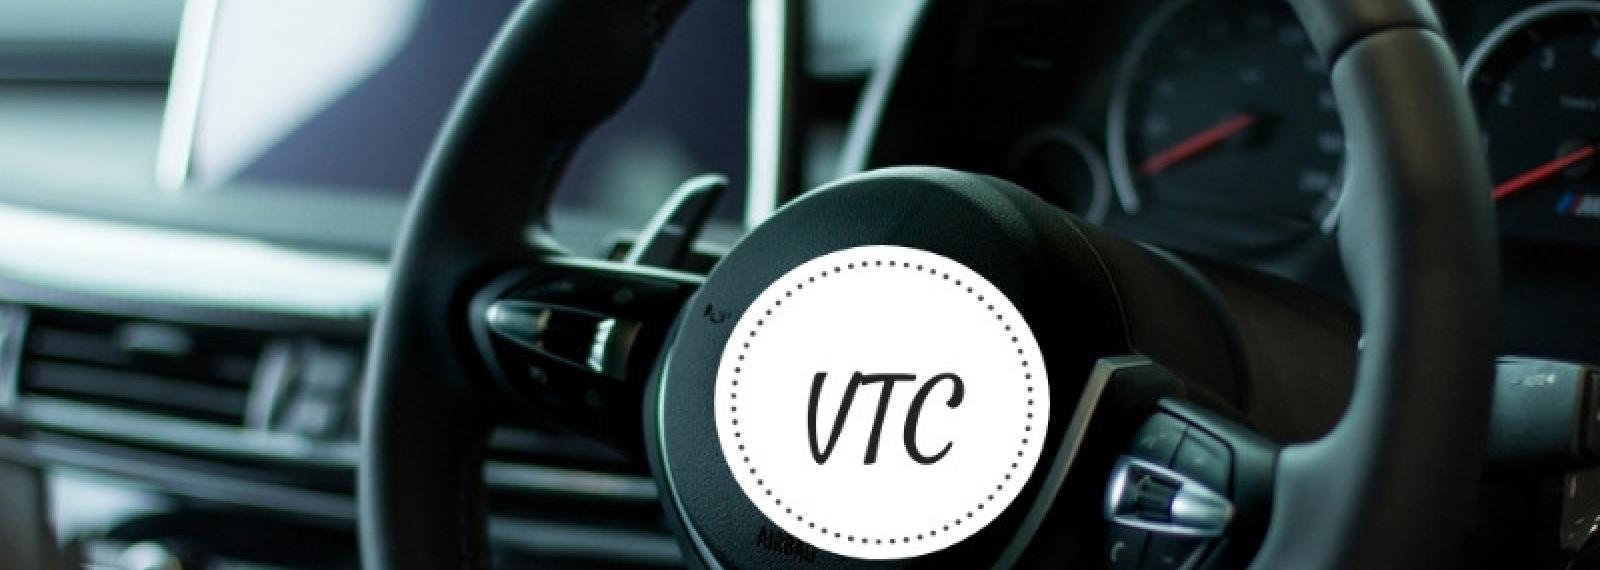 Cab Cap VTC